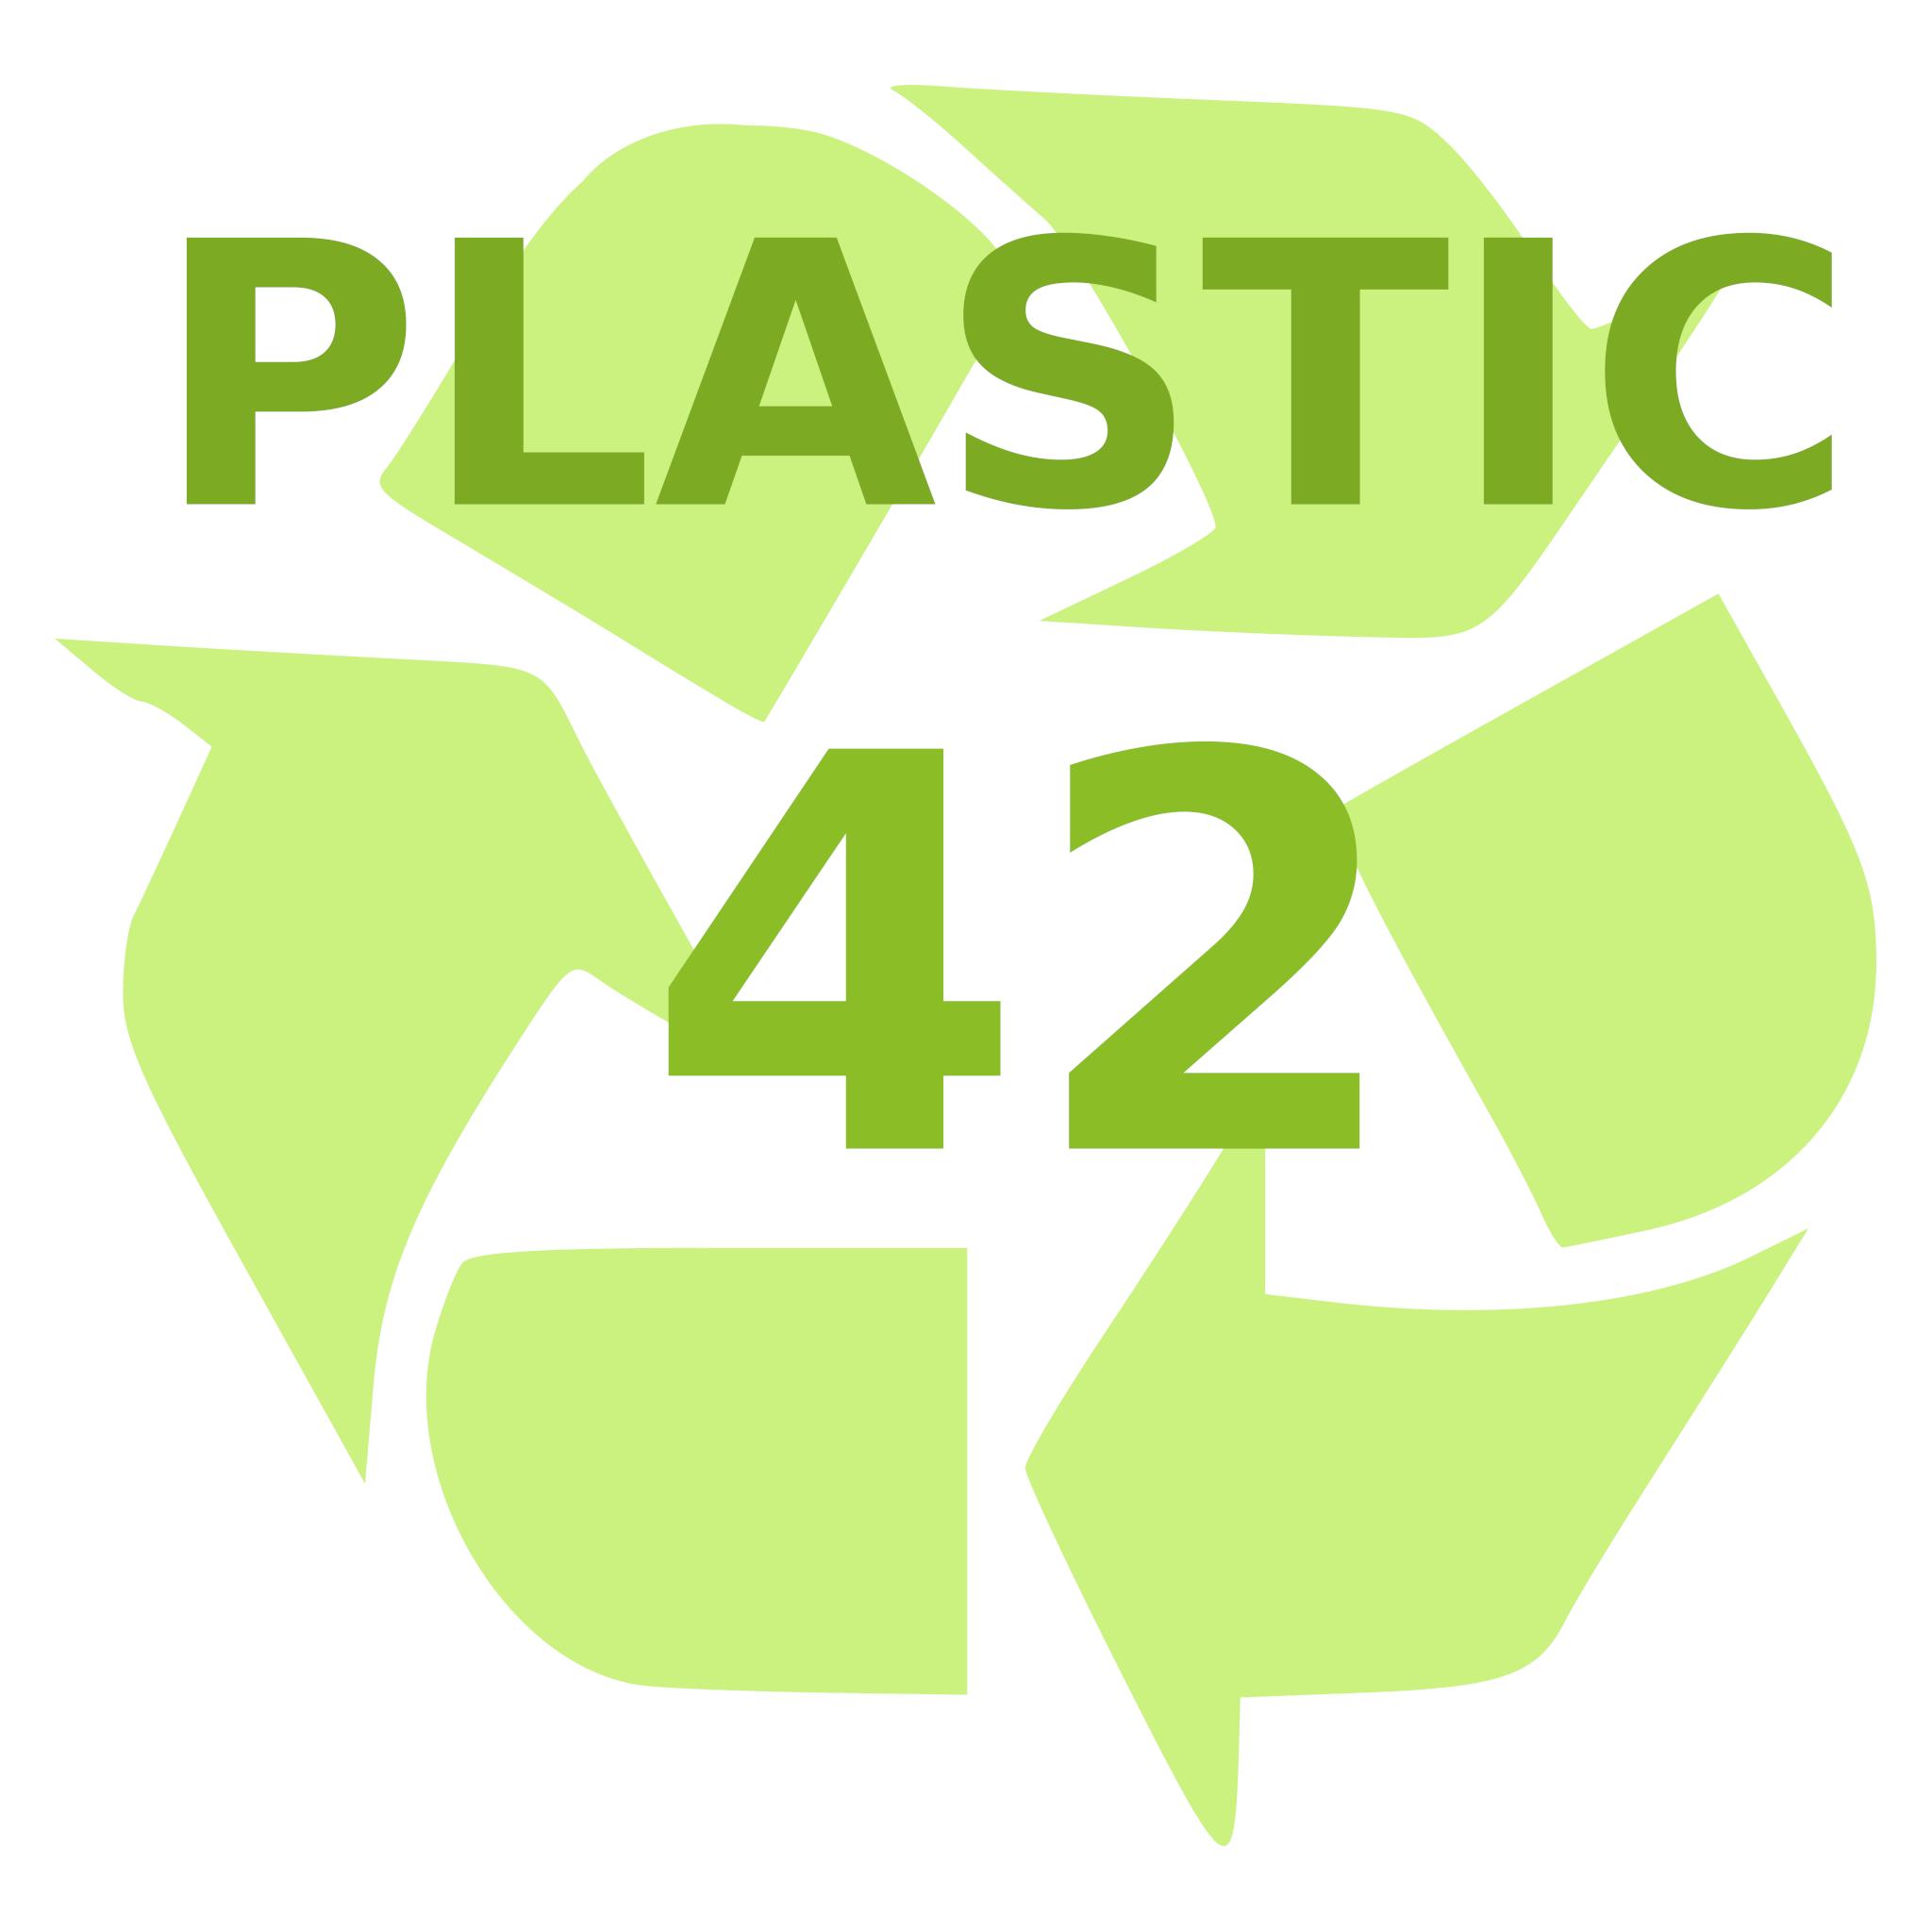 PlastiC 42